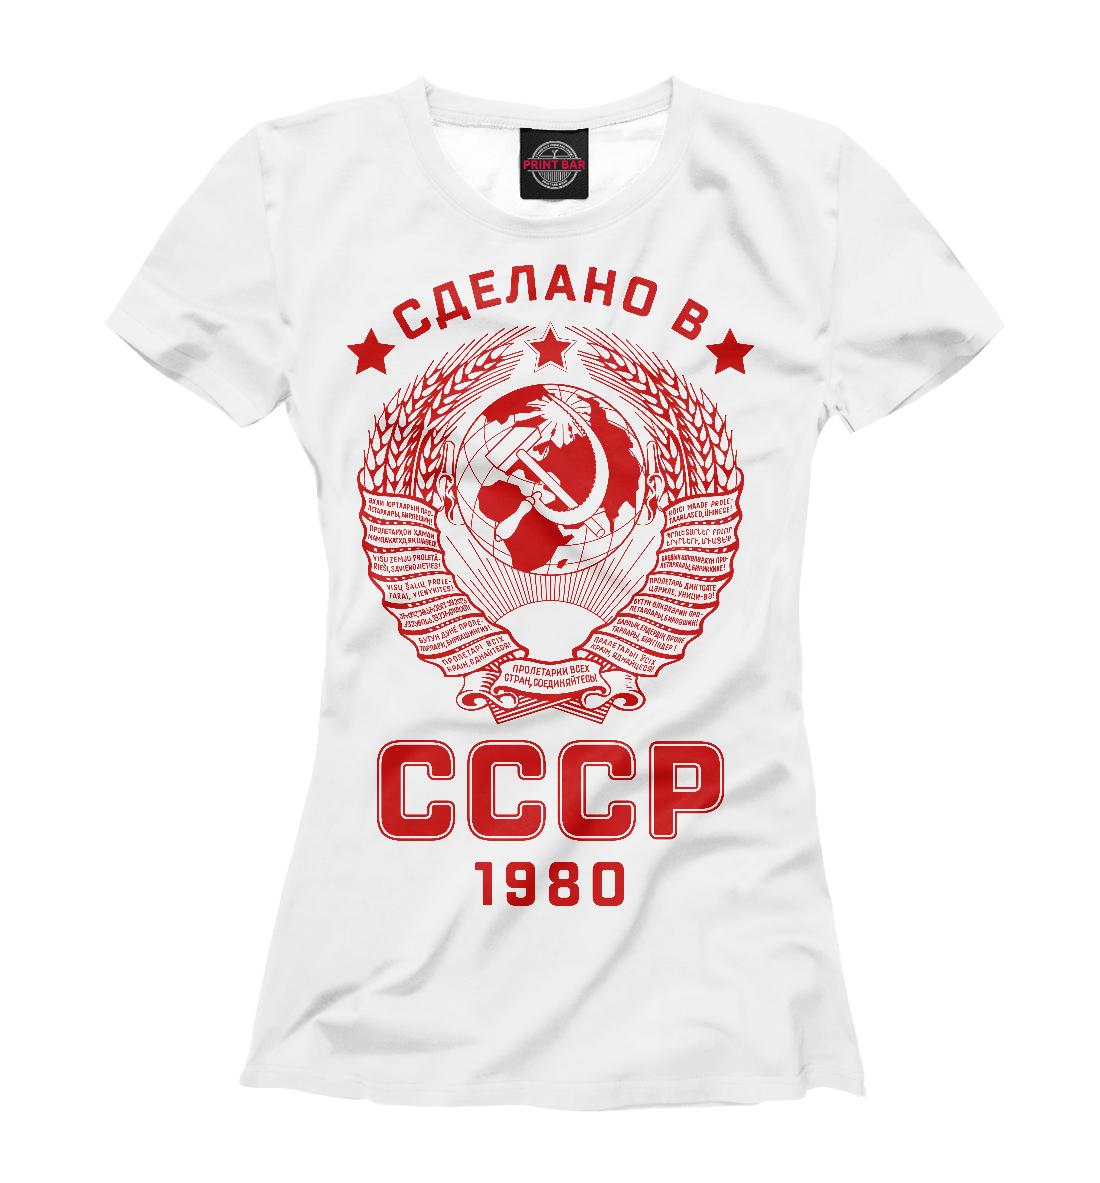 Фото - Сделано в СССР влад сделано в ссср